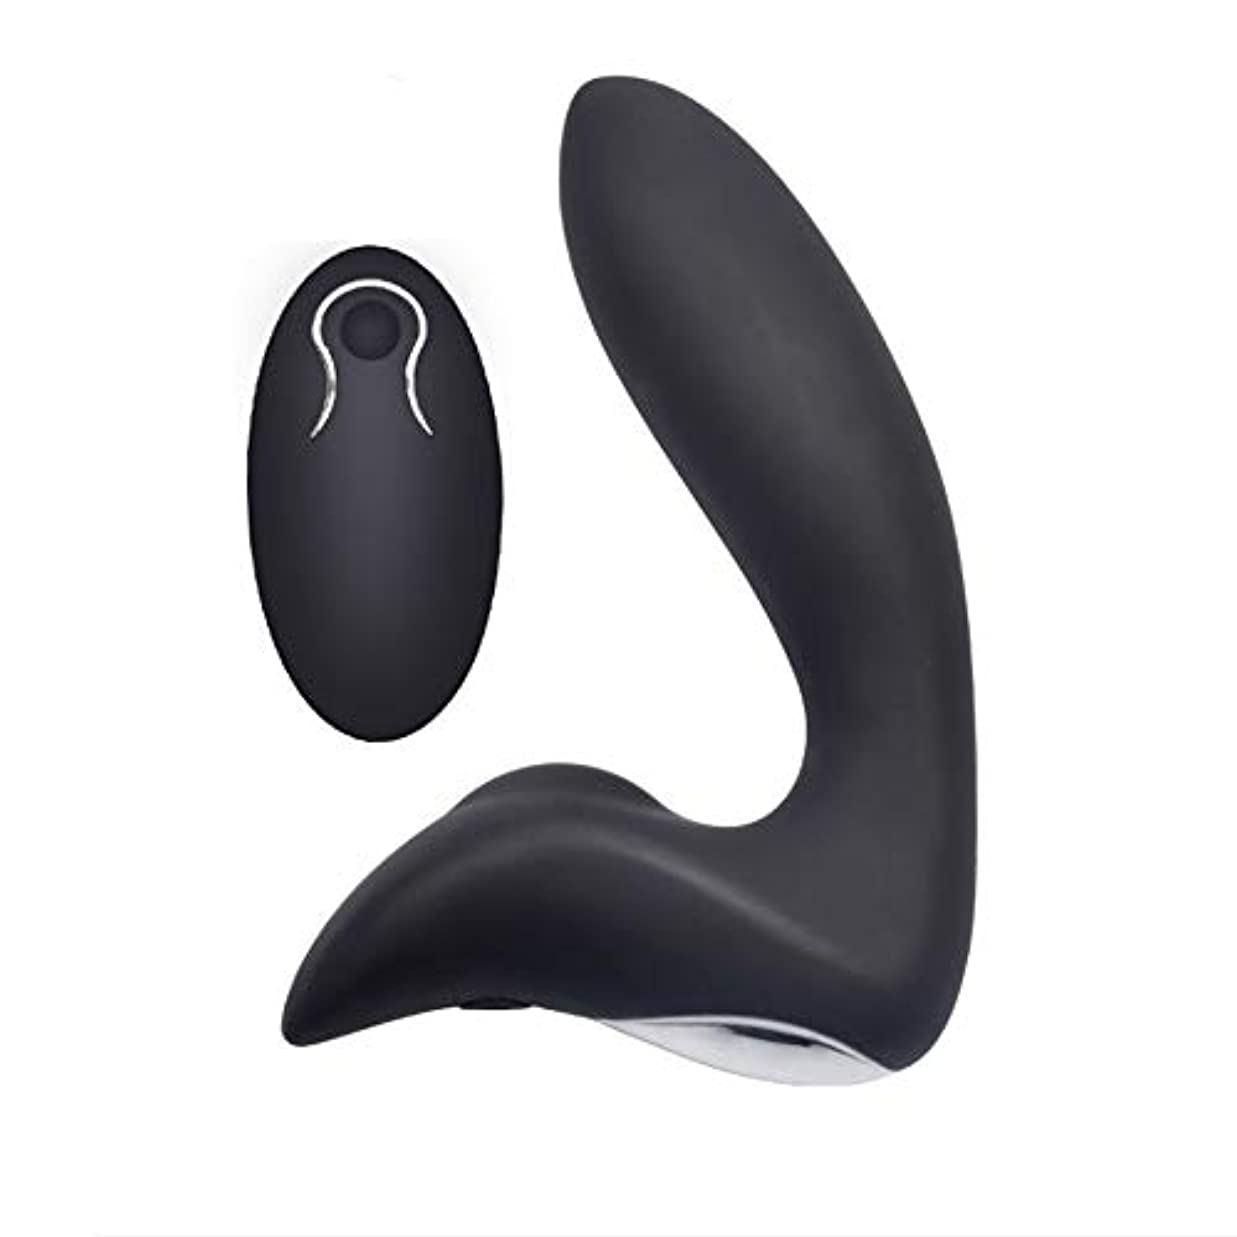 ミキサーどっちでもゴム電気式マッサージ器前立腺マッサージ器黒色リモートコントロール付き12周波数感受性領域は静かな防水性大人を刺激する